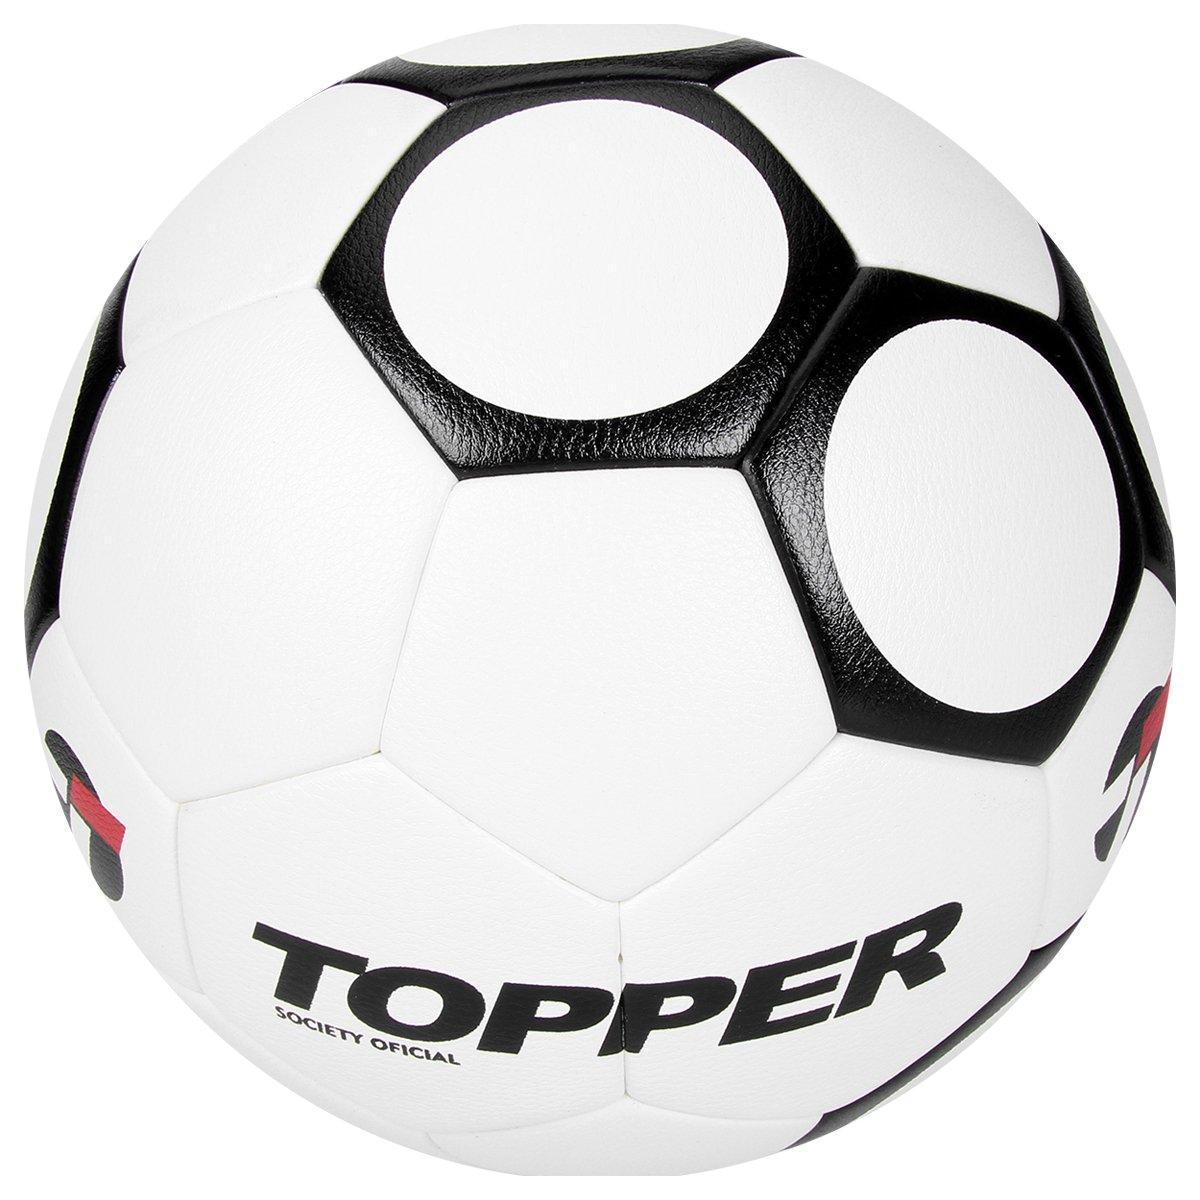 Bola Futebol Topper 90S Society - Compre Agora  288fa38cea575